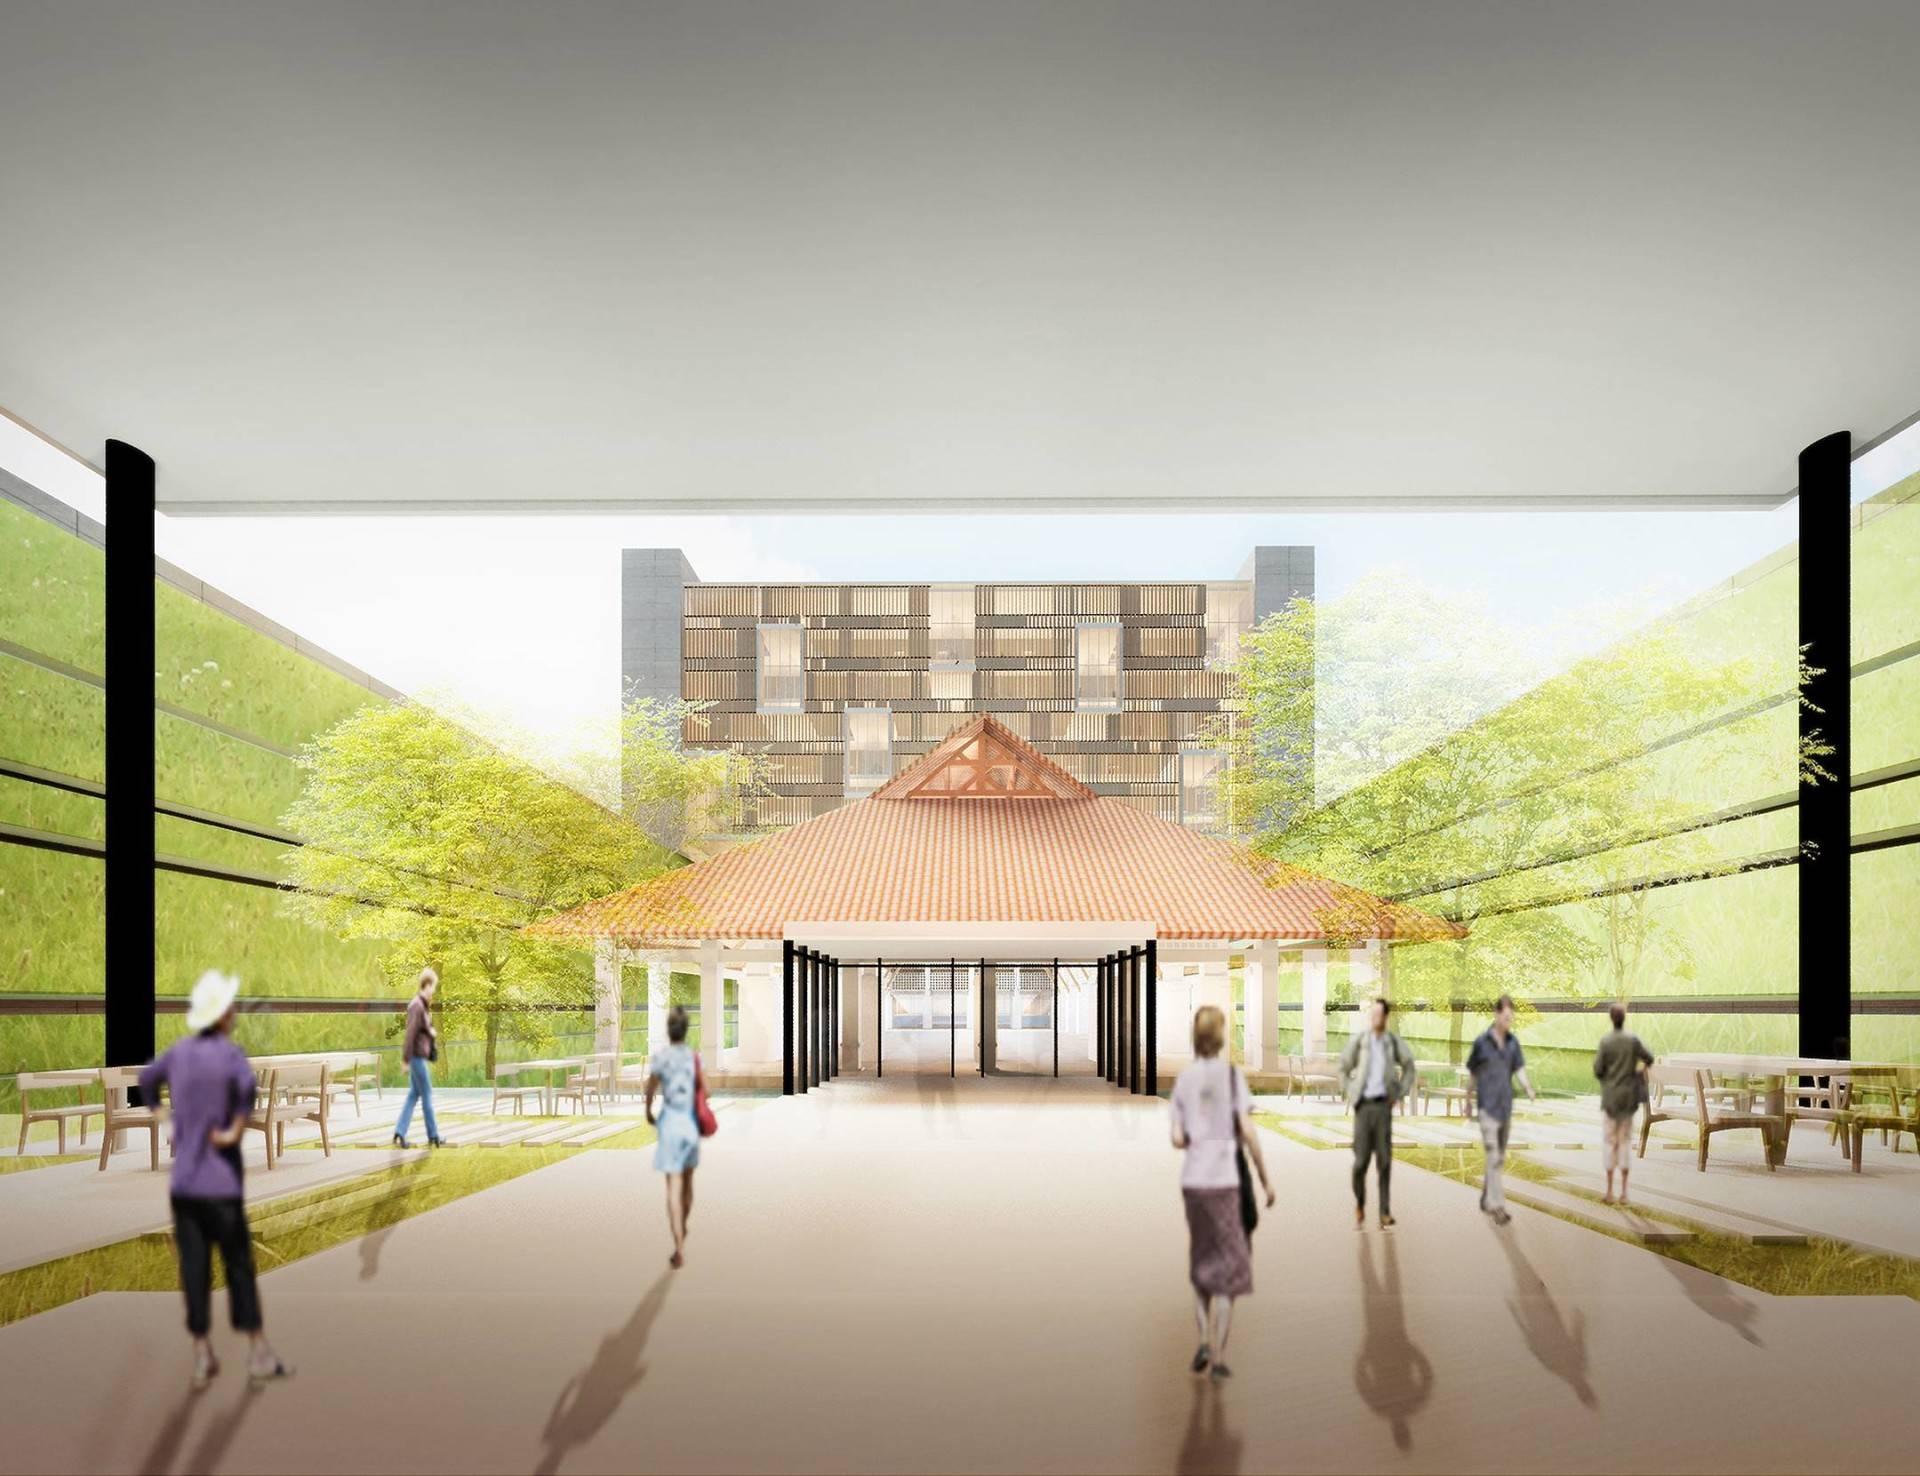 Raw Architecture Galeri Nasional  Jakarta, Indonesia Jakarta, Indonesia Front Entrance   1652